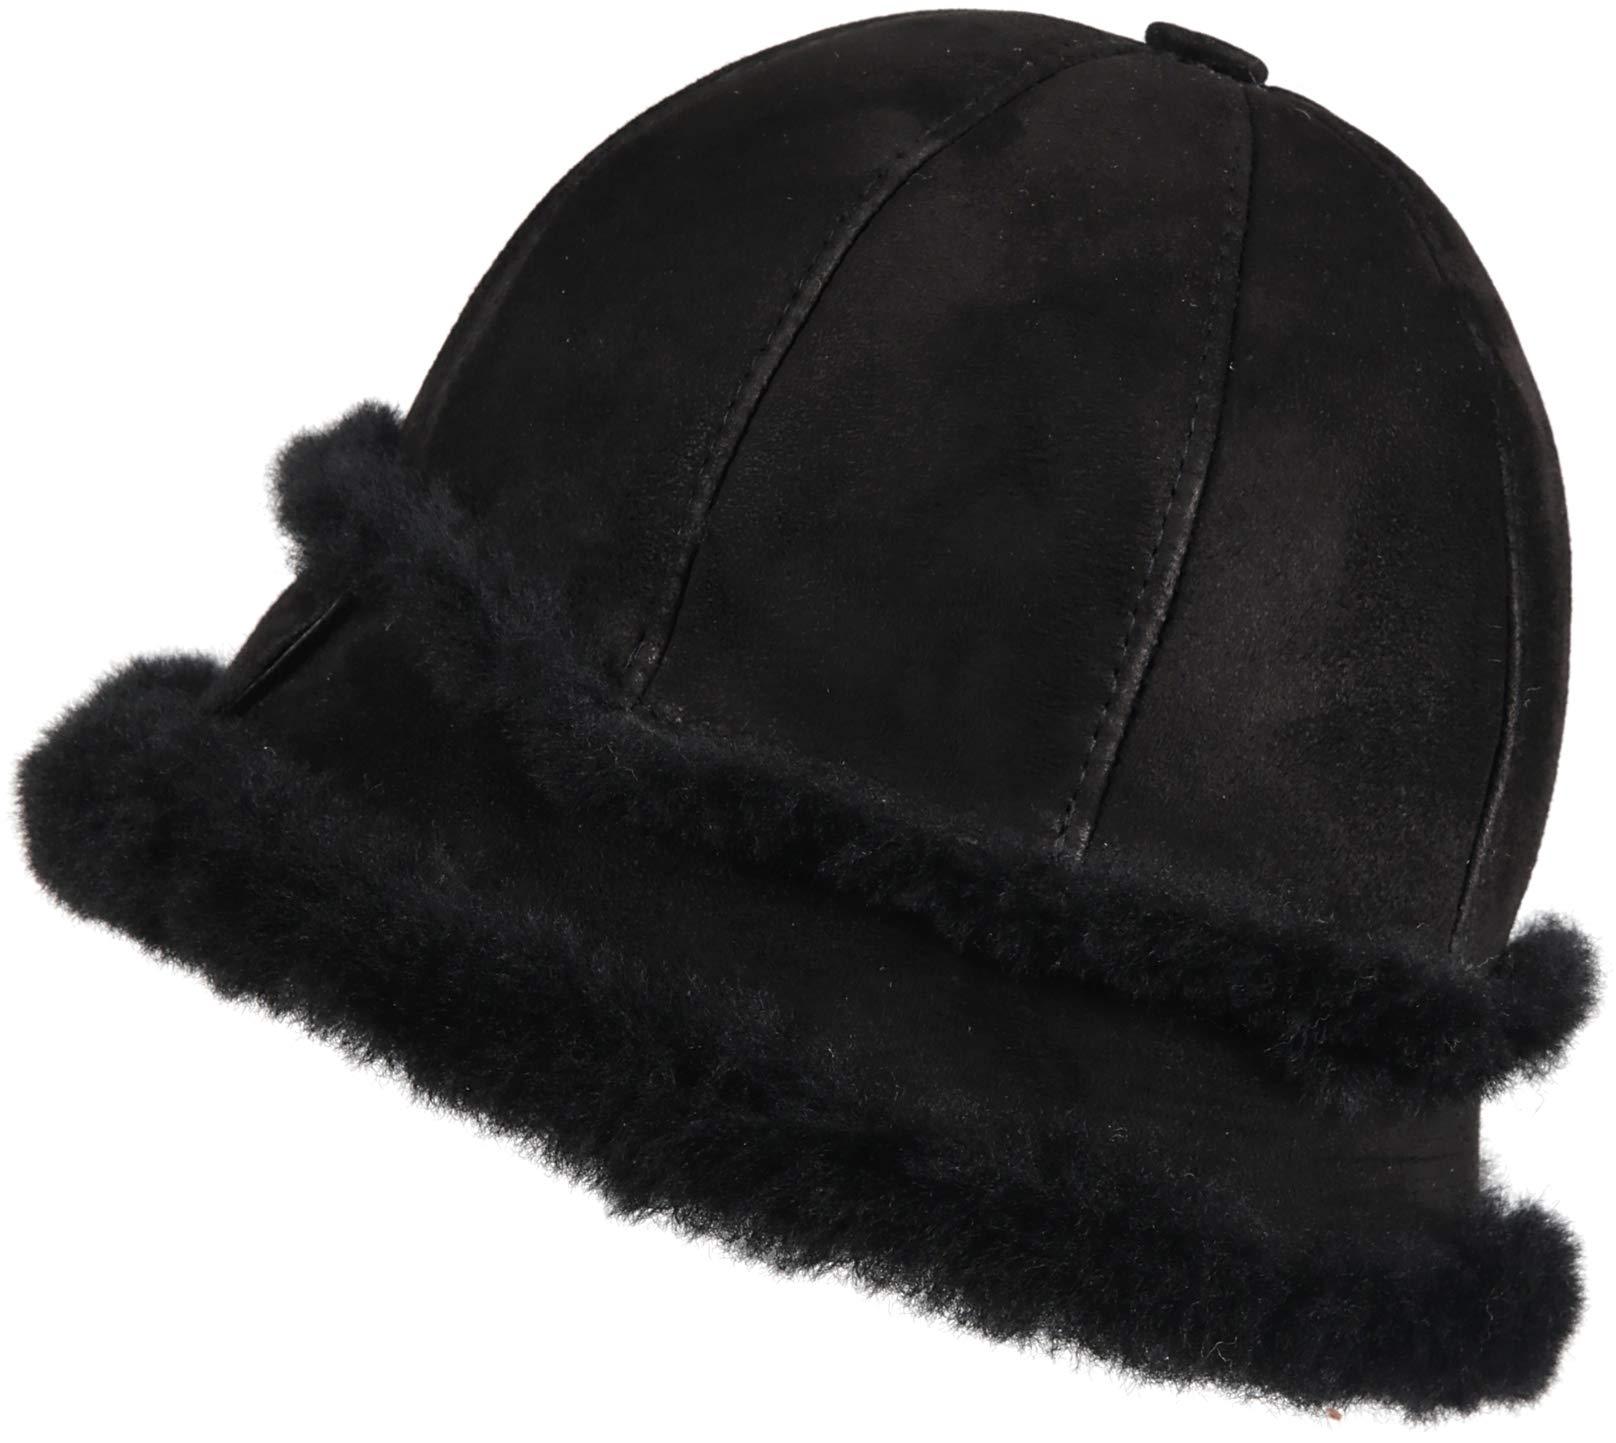 Zavelio Women's Shearling Sheepskin Winter Fur Bucket Beanie Hat Black Suede L